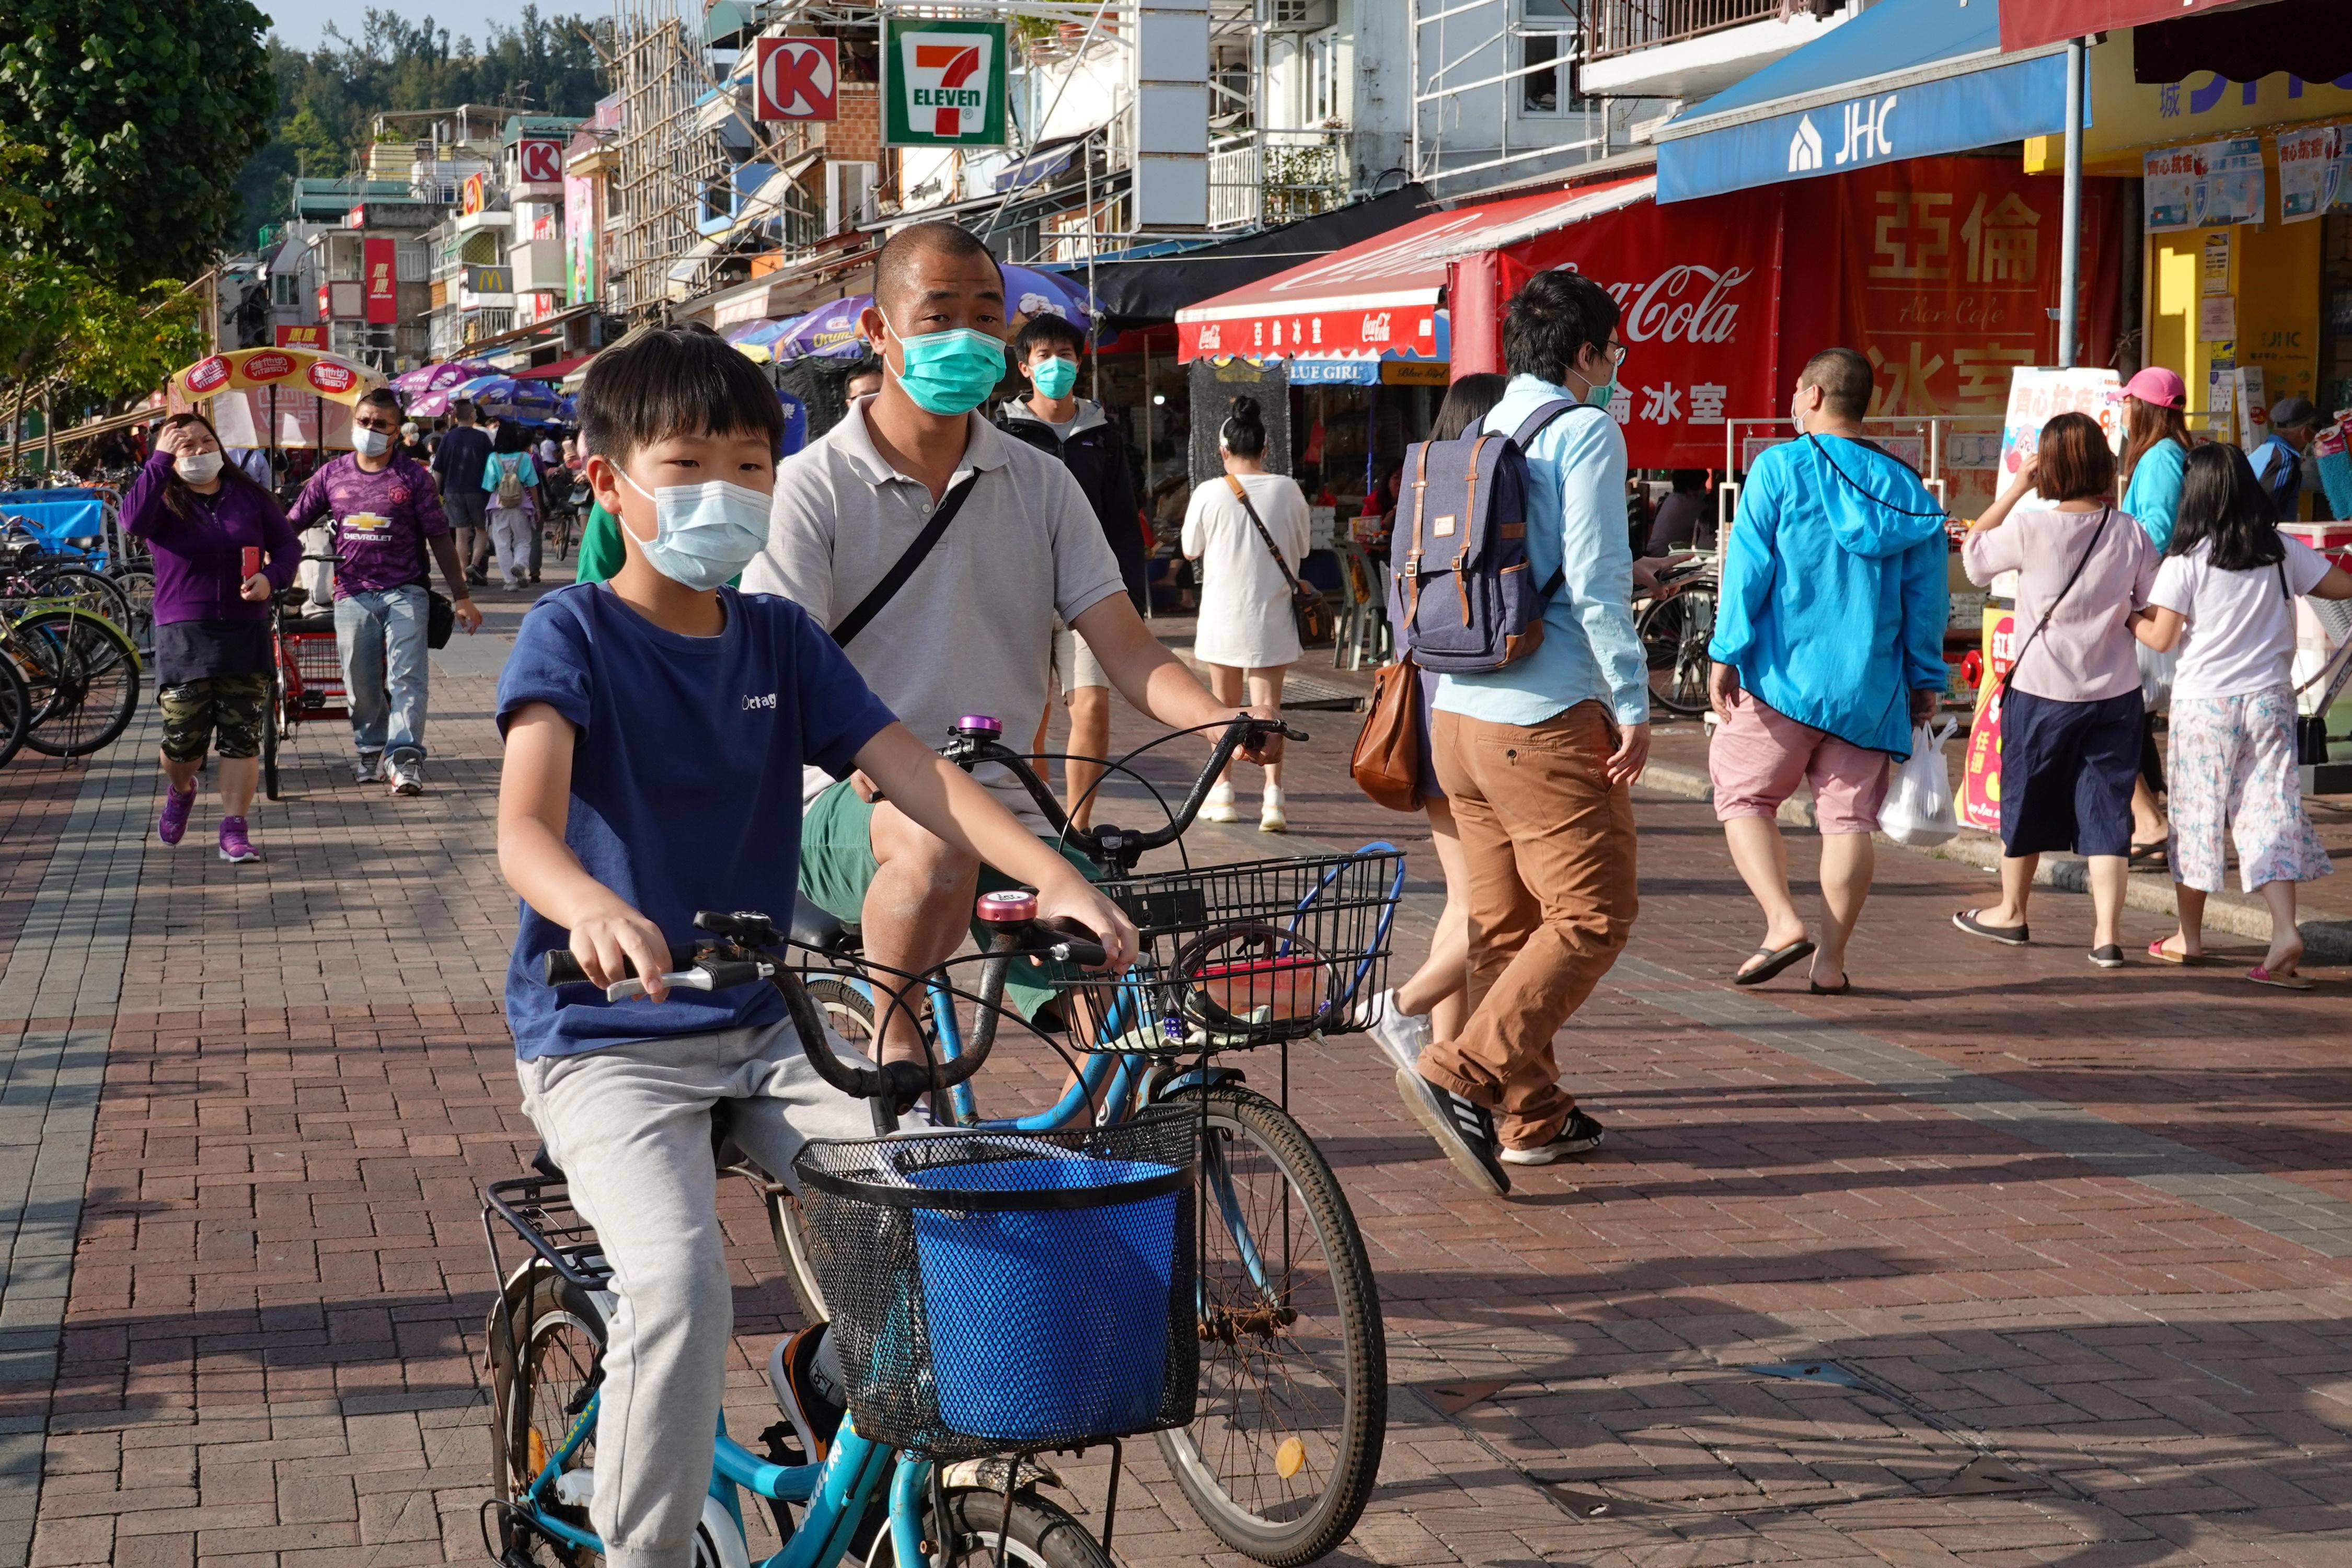 Todos -o la gran mayoría- con barbijos, las calles comenzaron a tener su ritmo habitual. La enfermedad COVID-19 nació en Wuhan, China, en diciembre de 2019